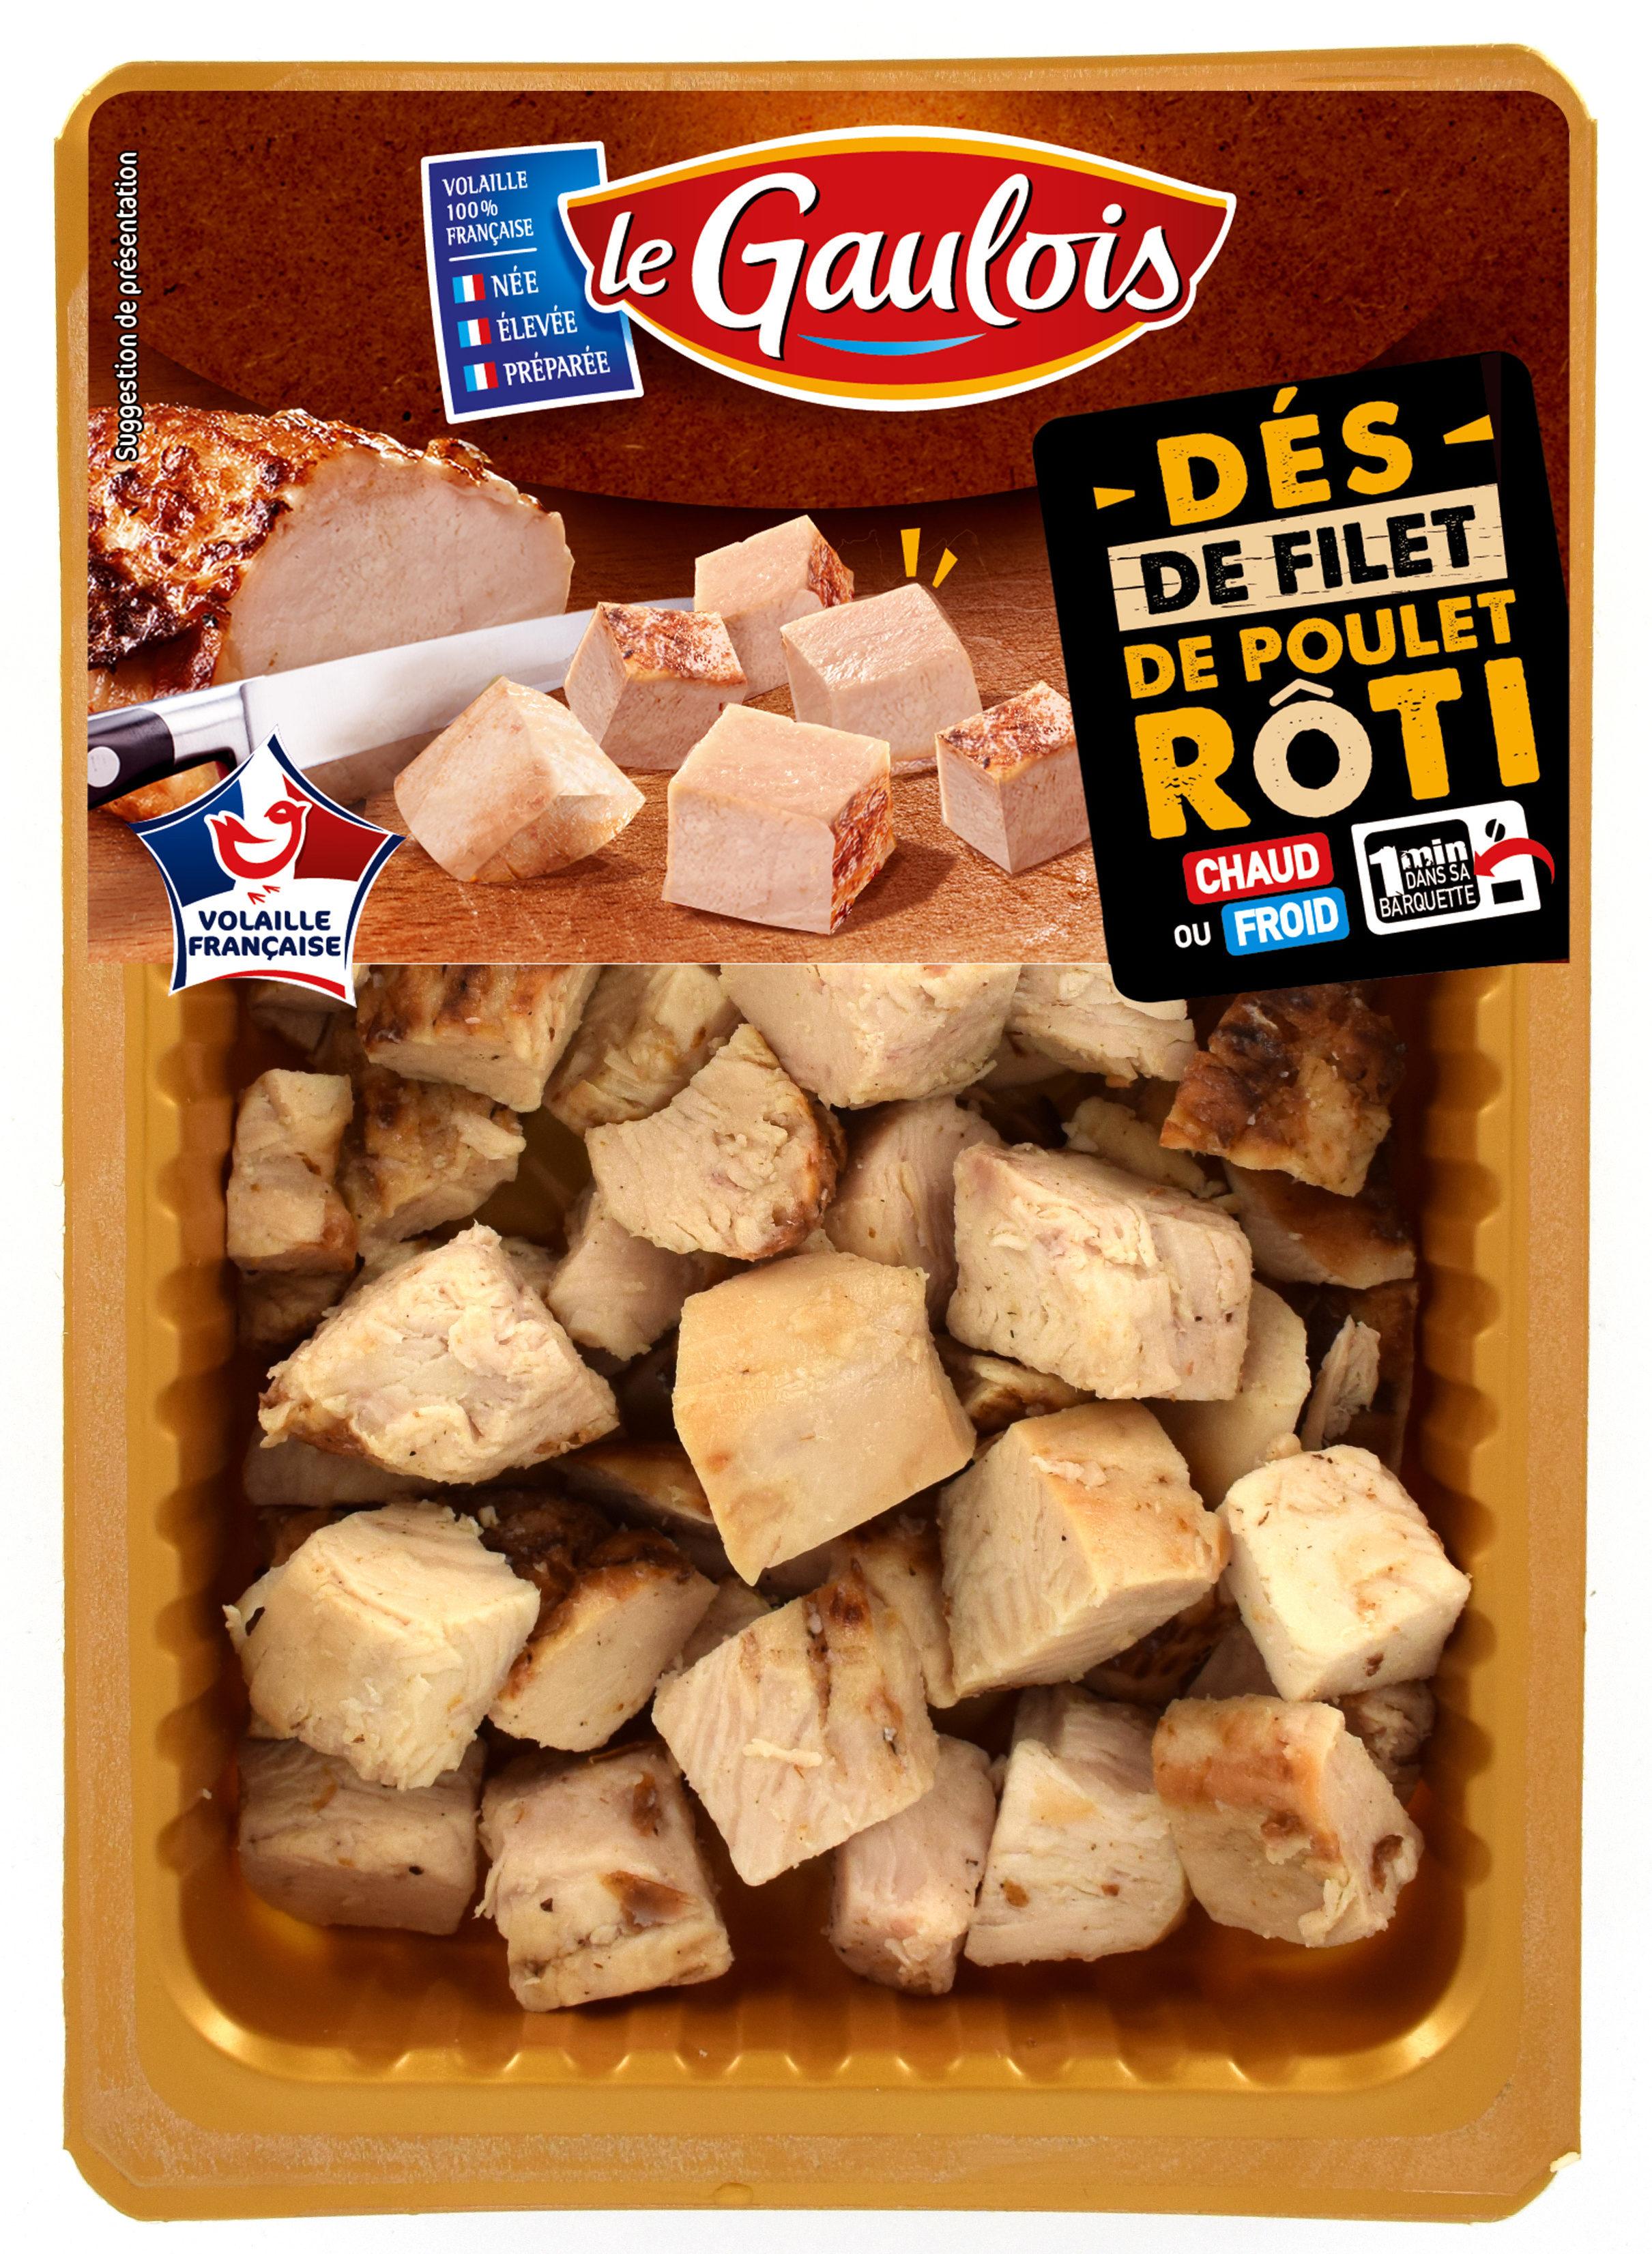 Dés de filet de poulet rôti, Le Gaulois (180 g)